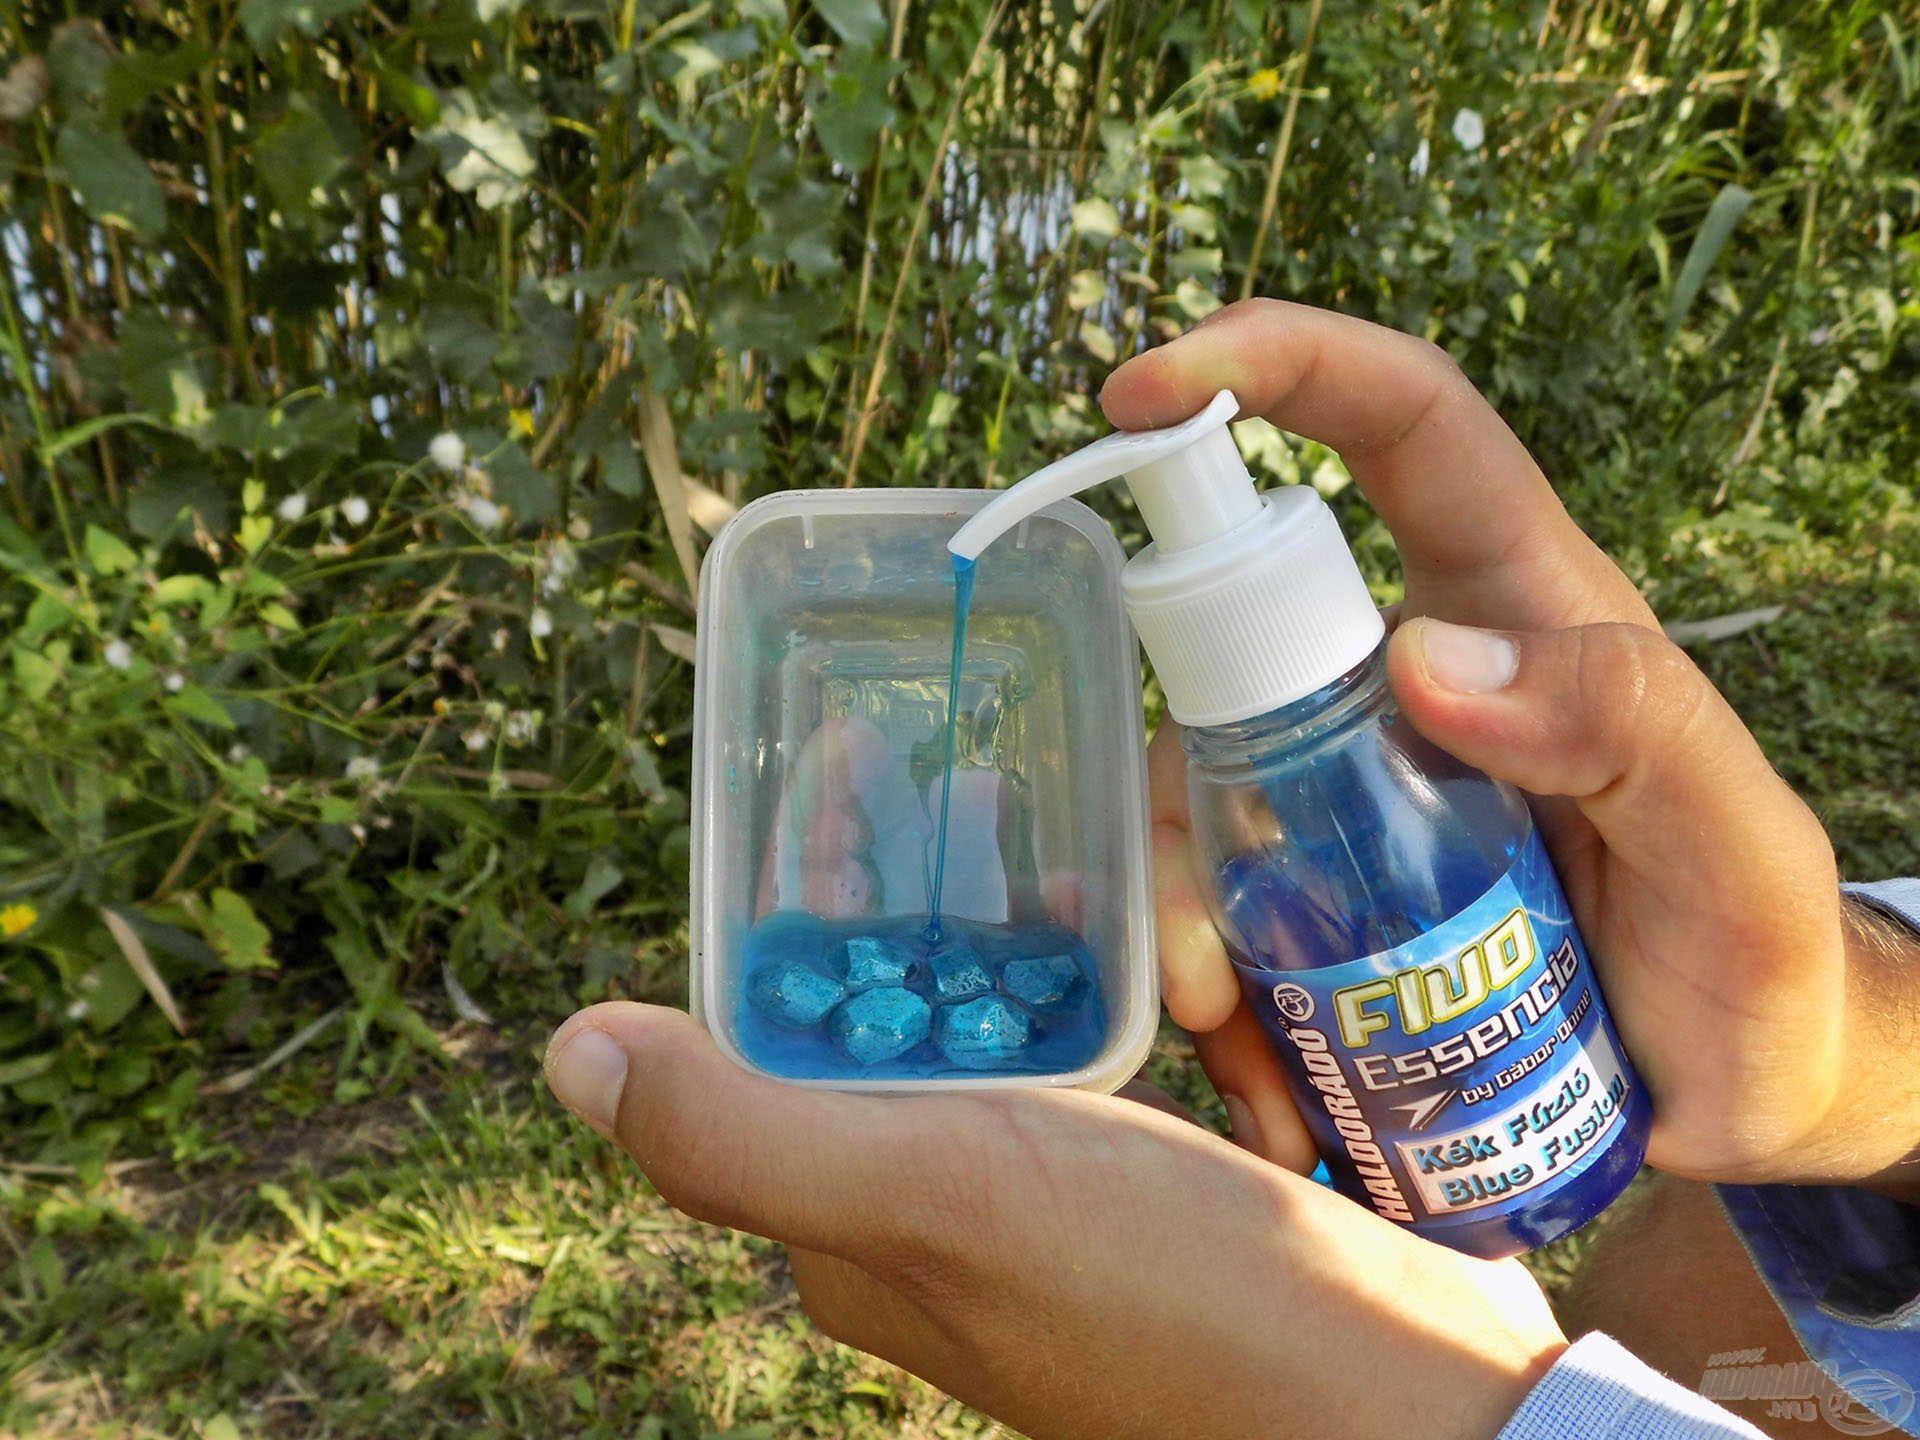 A Kék Fúzió pelletből a 16 mm-es változatot faragom szabálytalan alakúra, majd ízben hozzá passzoló, sűrű Fluo Essenciába áztatom csalizás előtt